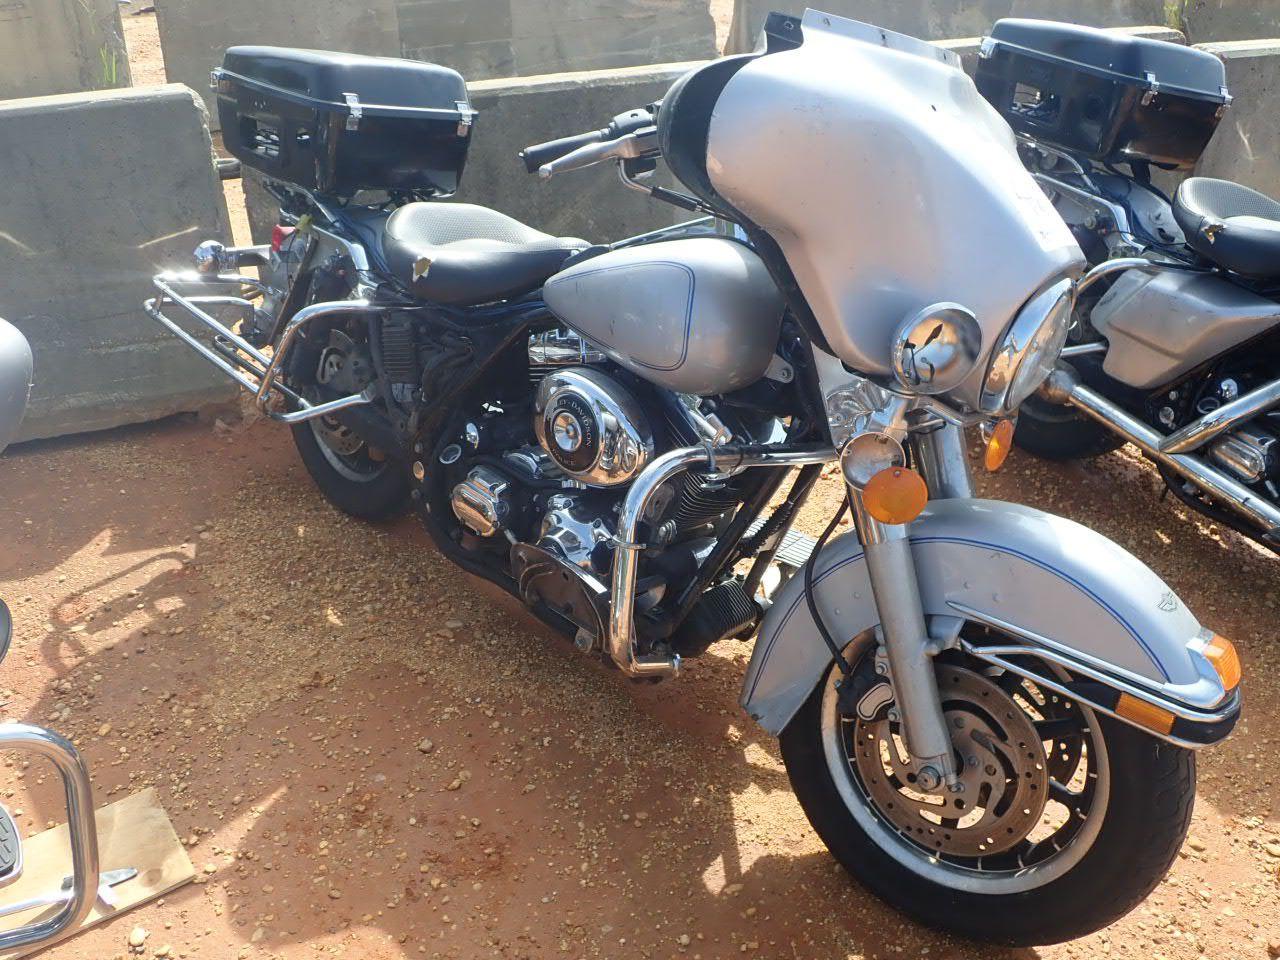 2012 Harley-Davidson V-Rod MUSCLE MUSCLE, Harley-Davidson